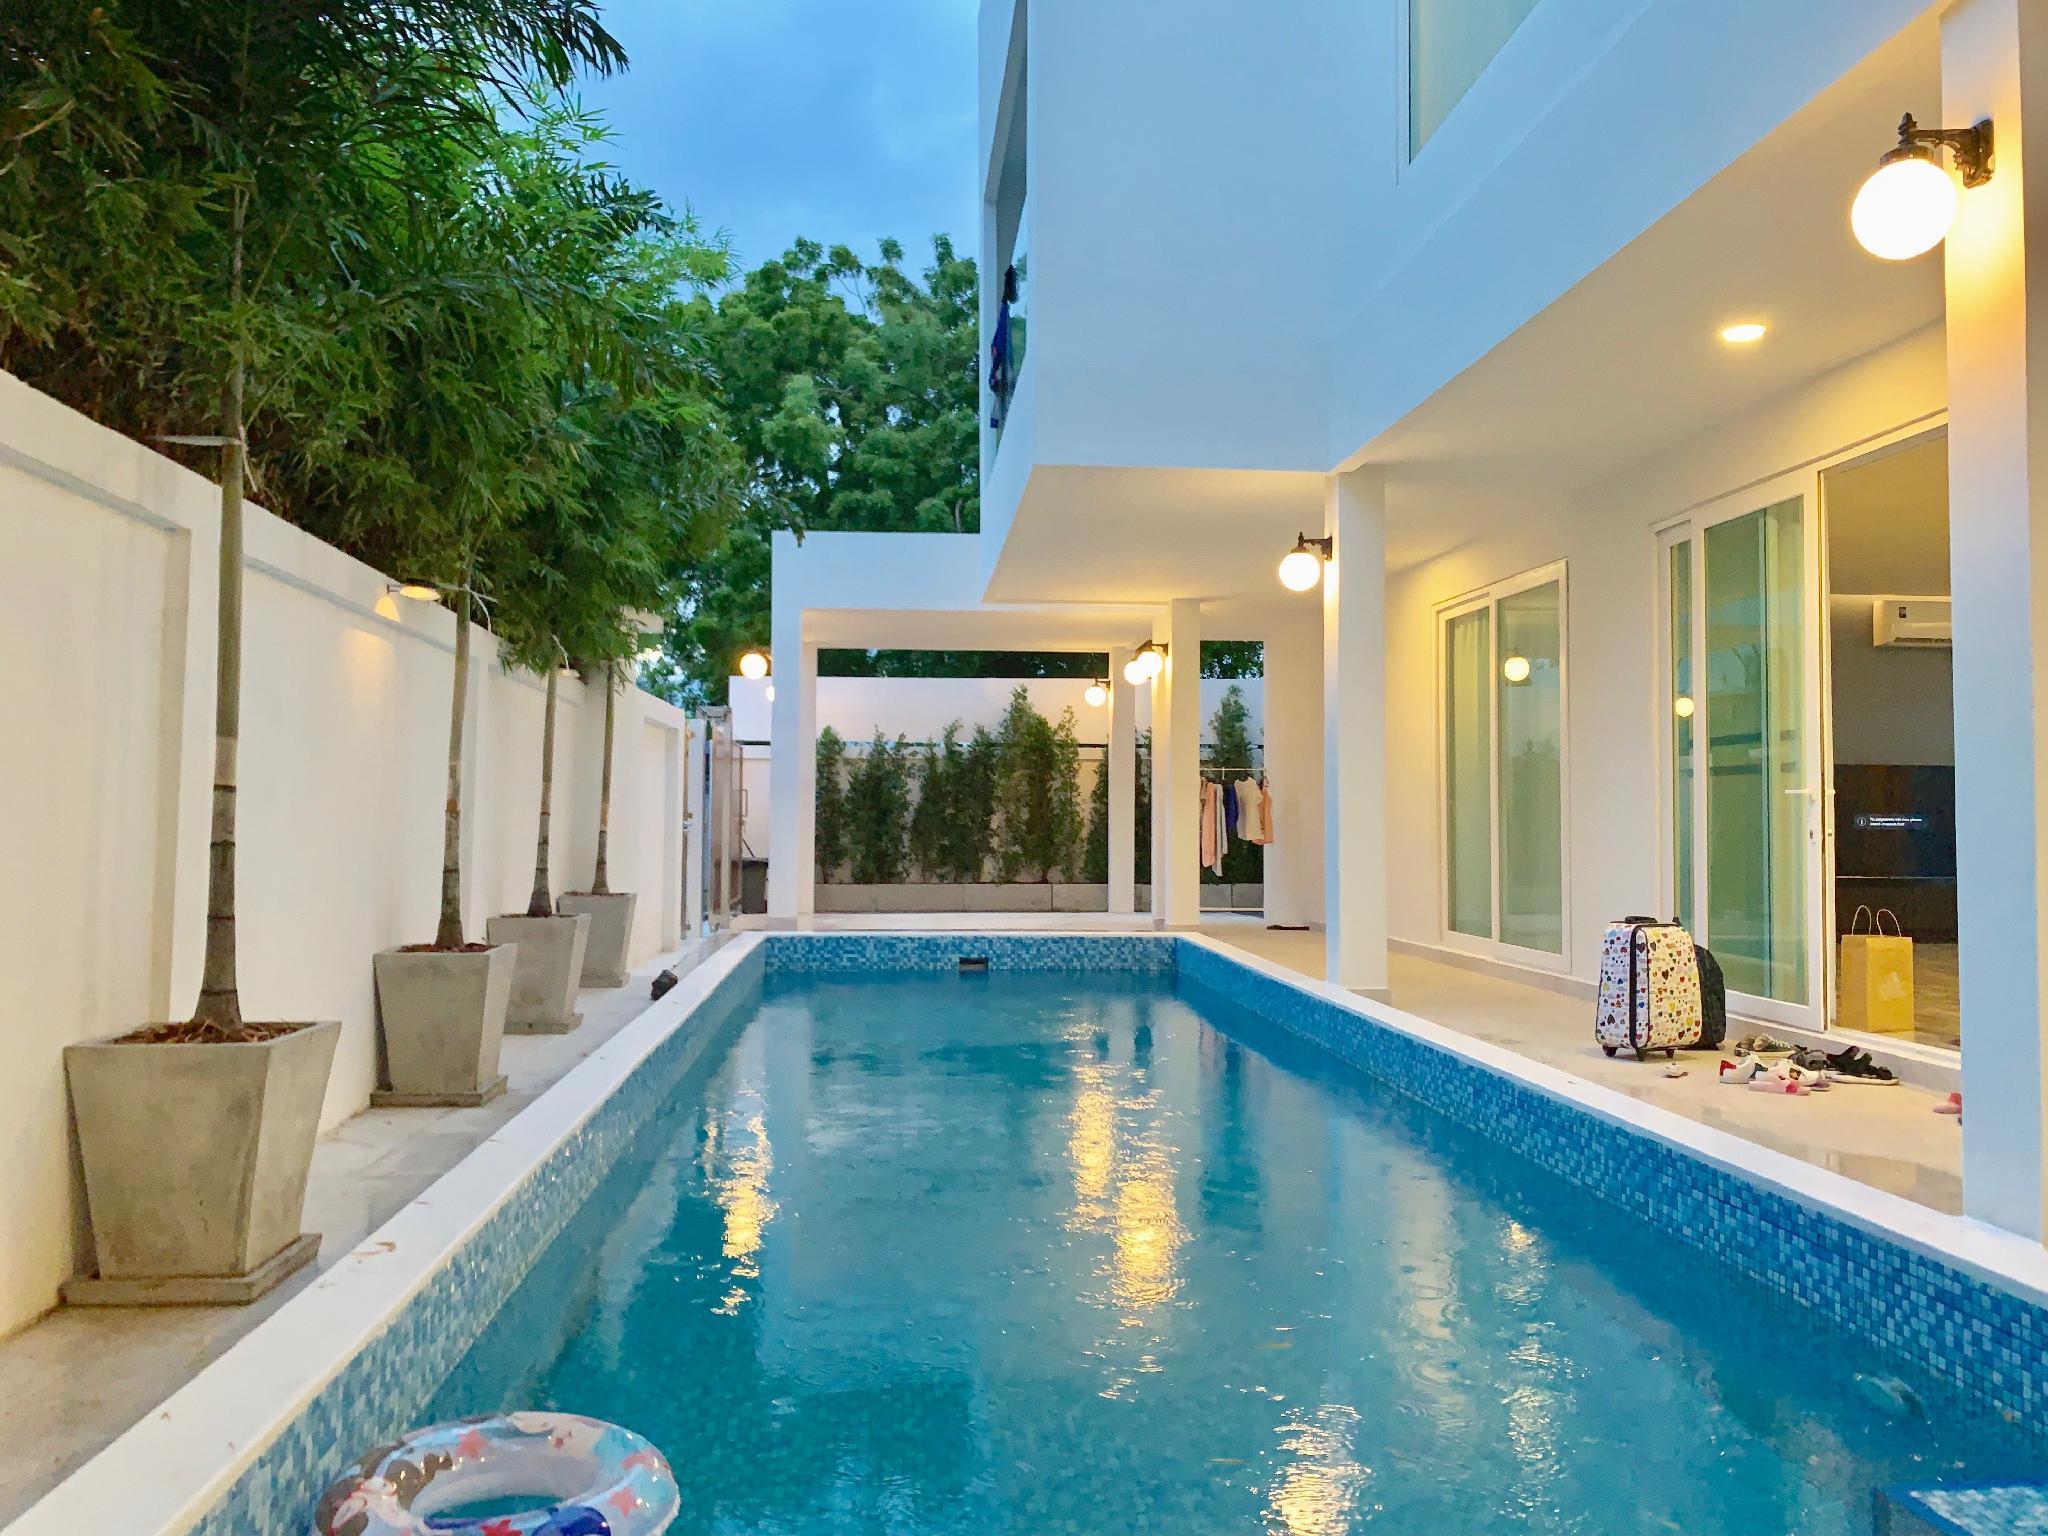 Pattaya Modern 5bedroom Villa